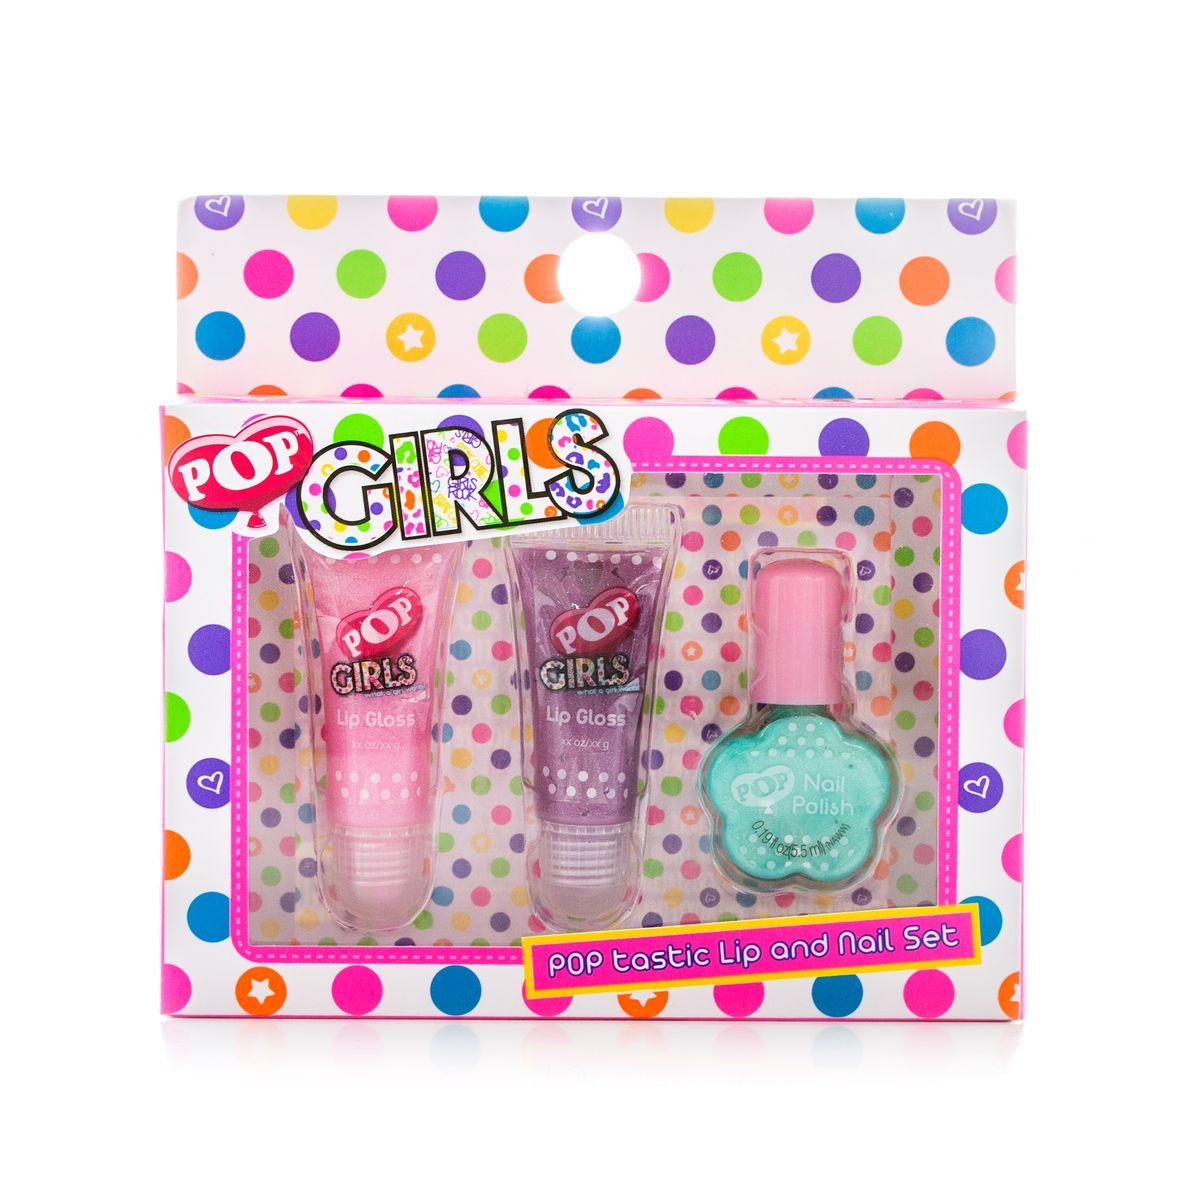 Markwins Игровой набор детской декоративной косметики для губ и ногтей POPGESS-131Состав набора: блески для губ в тубах 2 шт., лак на водной основе для ногтей 1 шт.